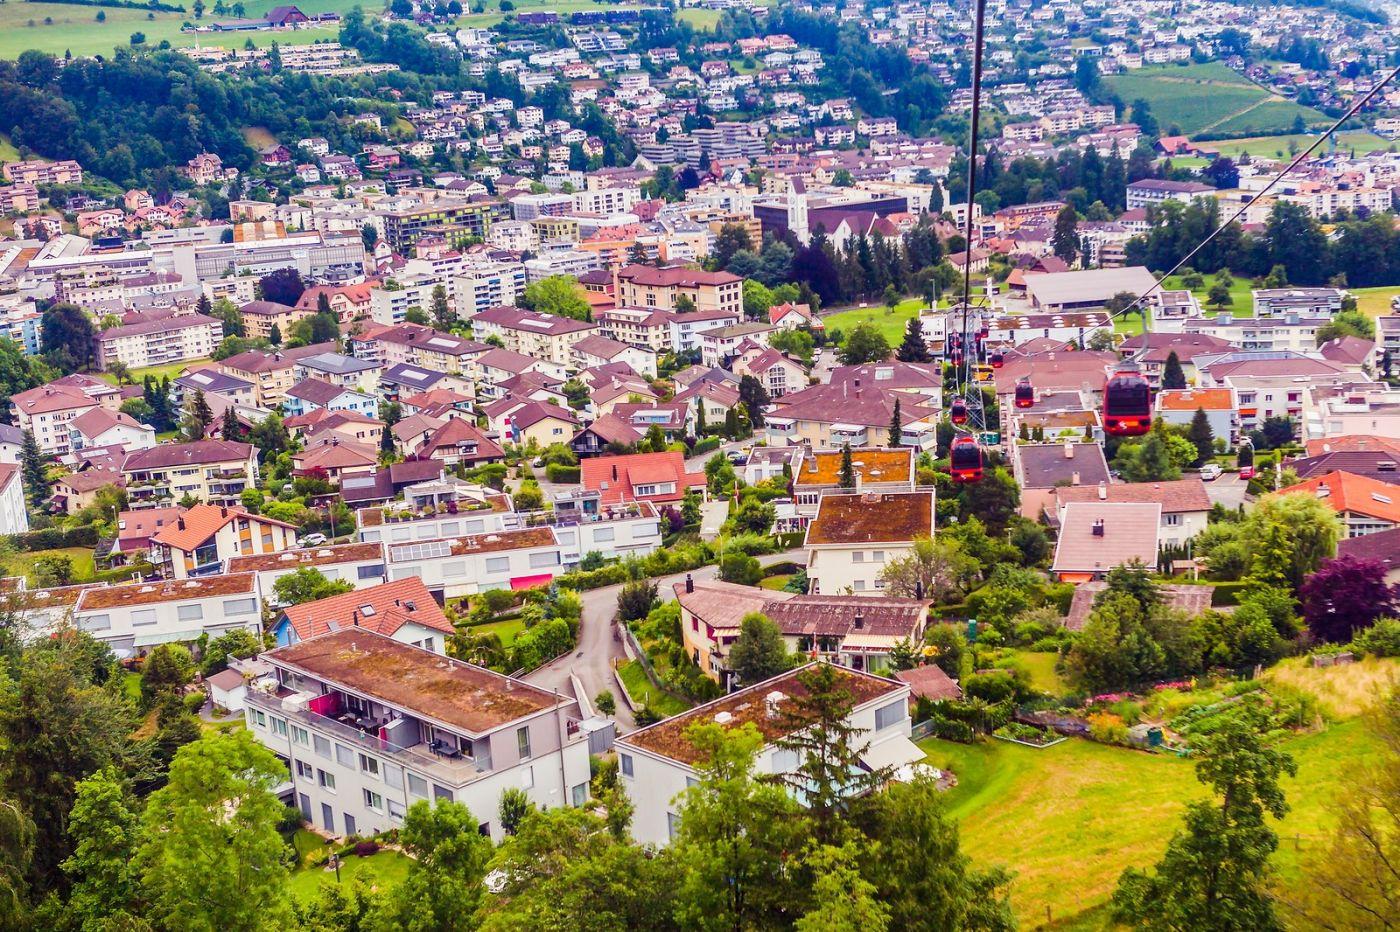 瑞士卢塞恩(Lucerne),坐缆车看风景_图1-25